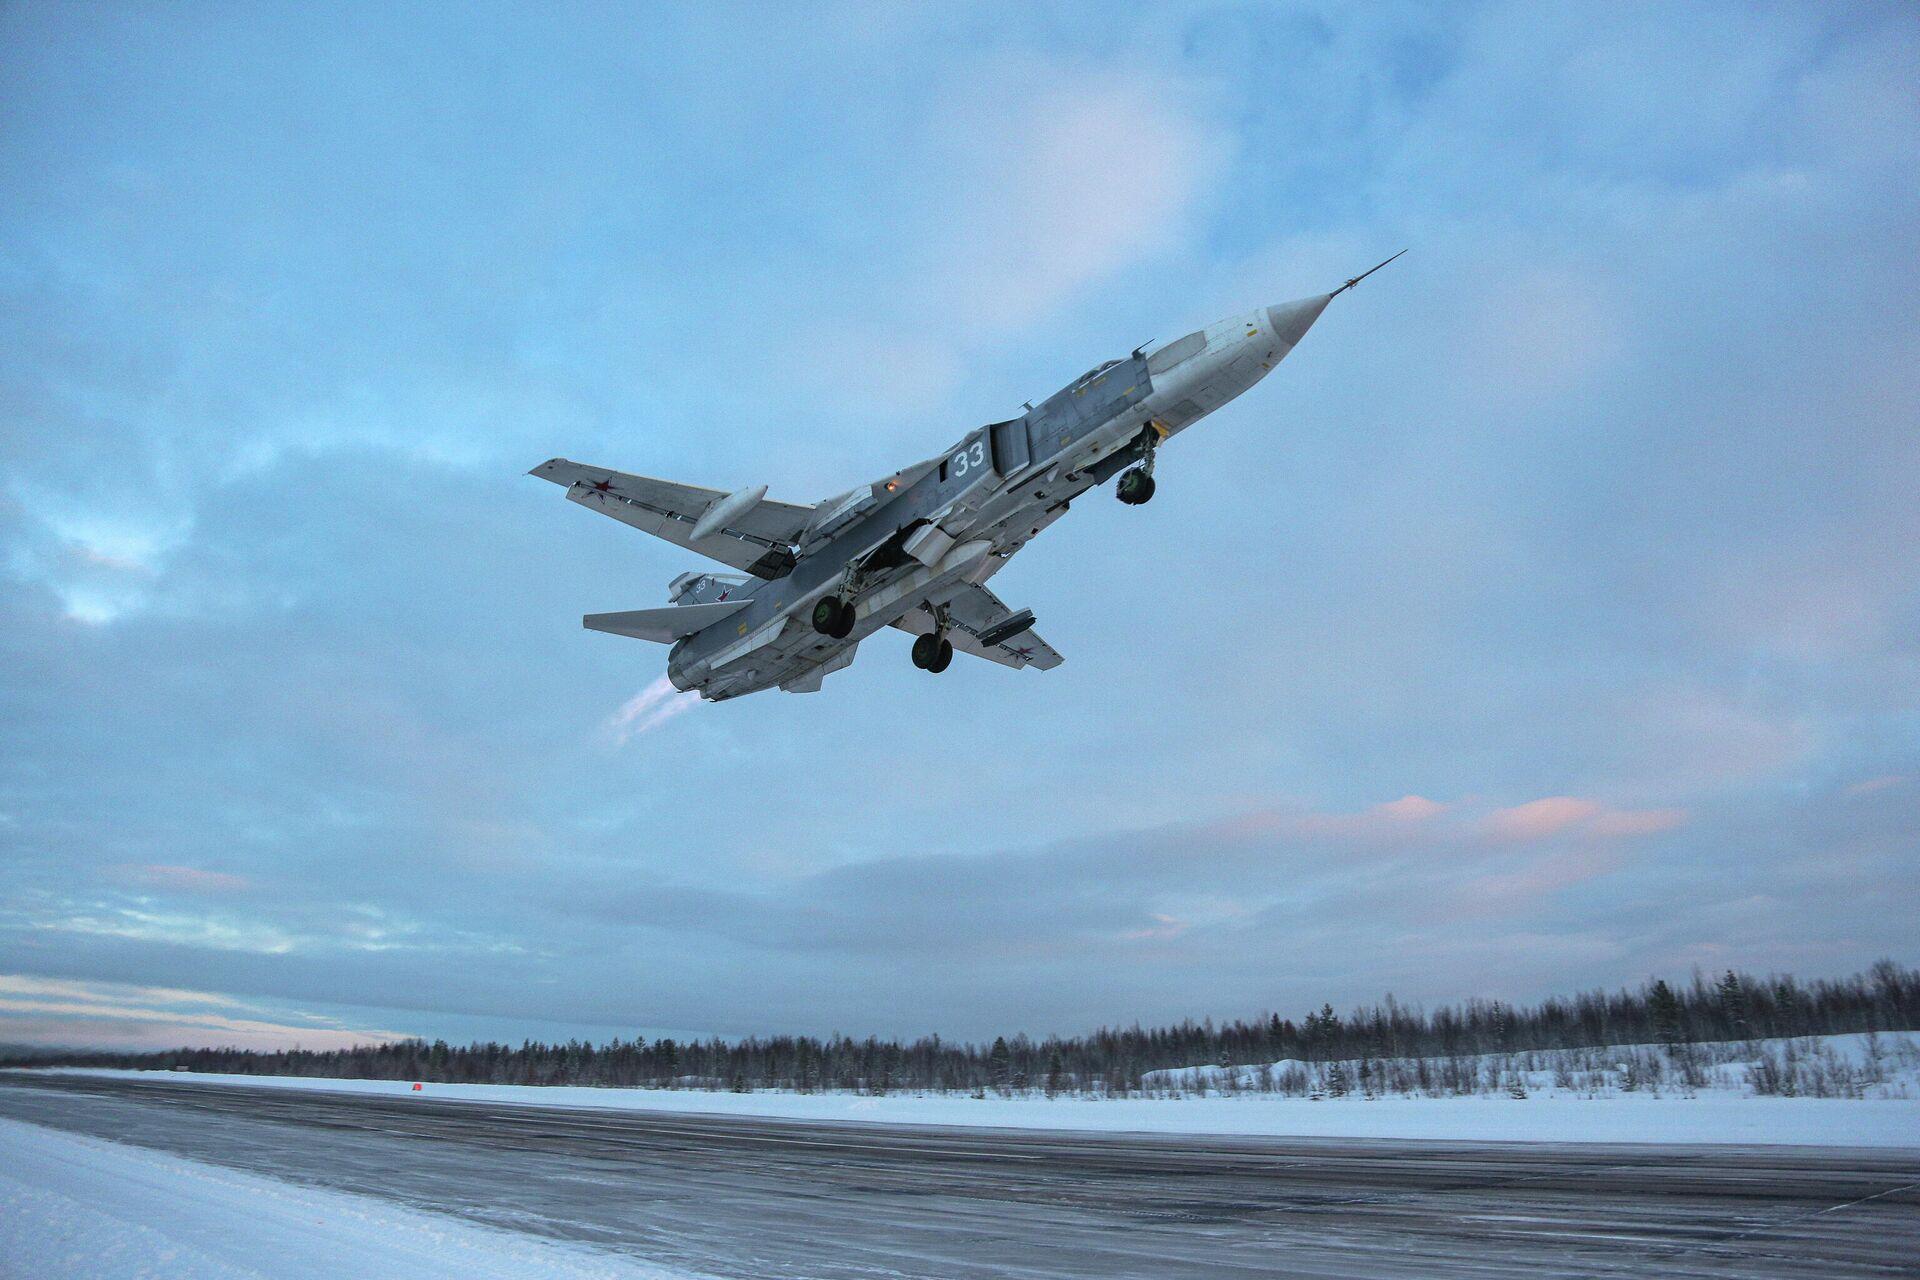 Самолет Су-24 во время учебно-тренировочных полетов в Мурманской области - РИА Новости, 1920, 26.05.2021